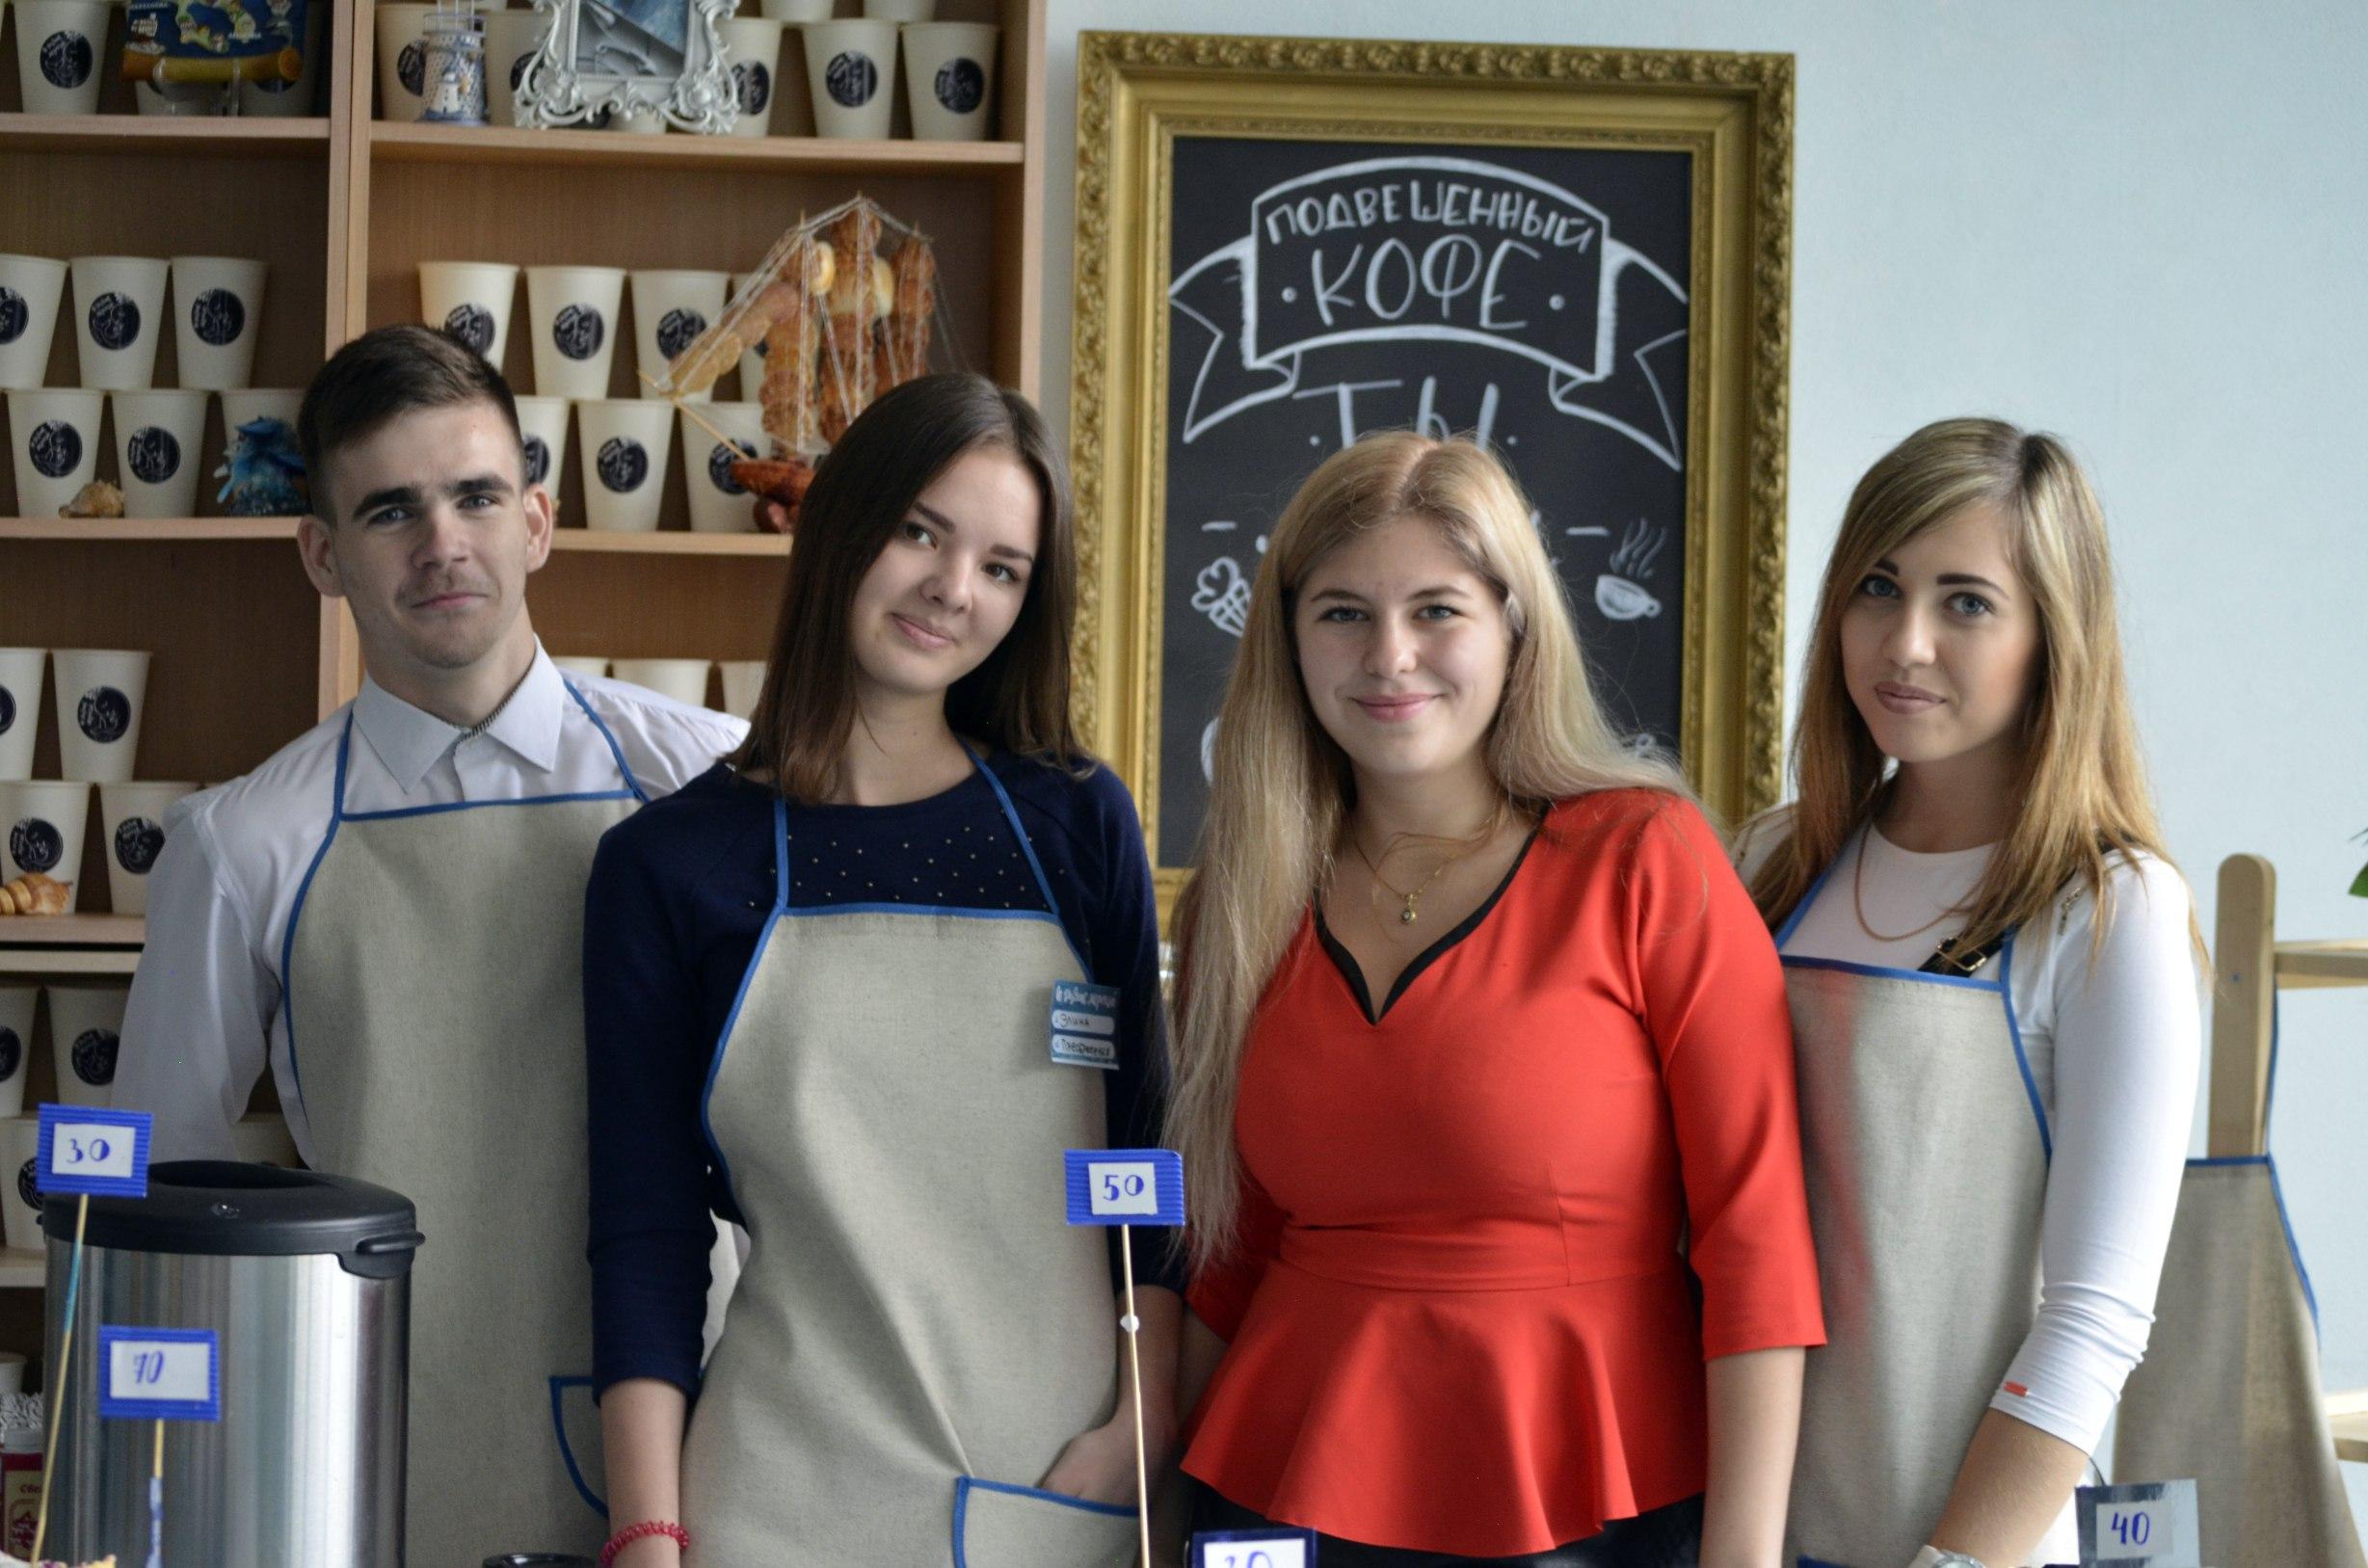 Волонтёры кофе-зоны конференции